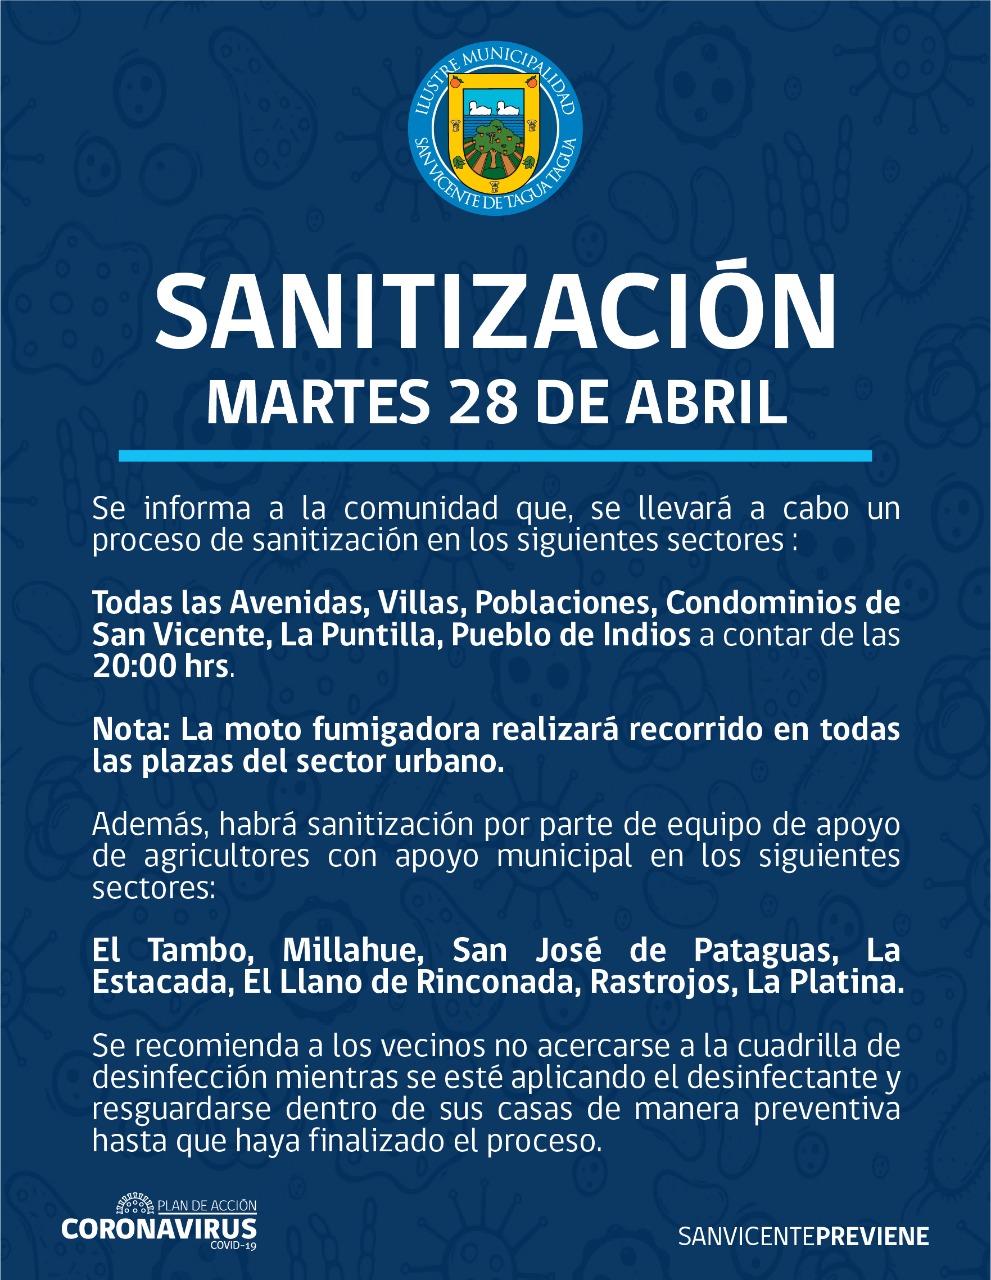 SE INFORMA SANITIZACIÓN PROGRAMADA PARA HOY MARTES 28 DE ABRIL